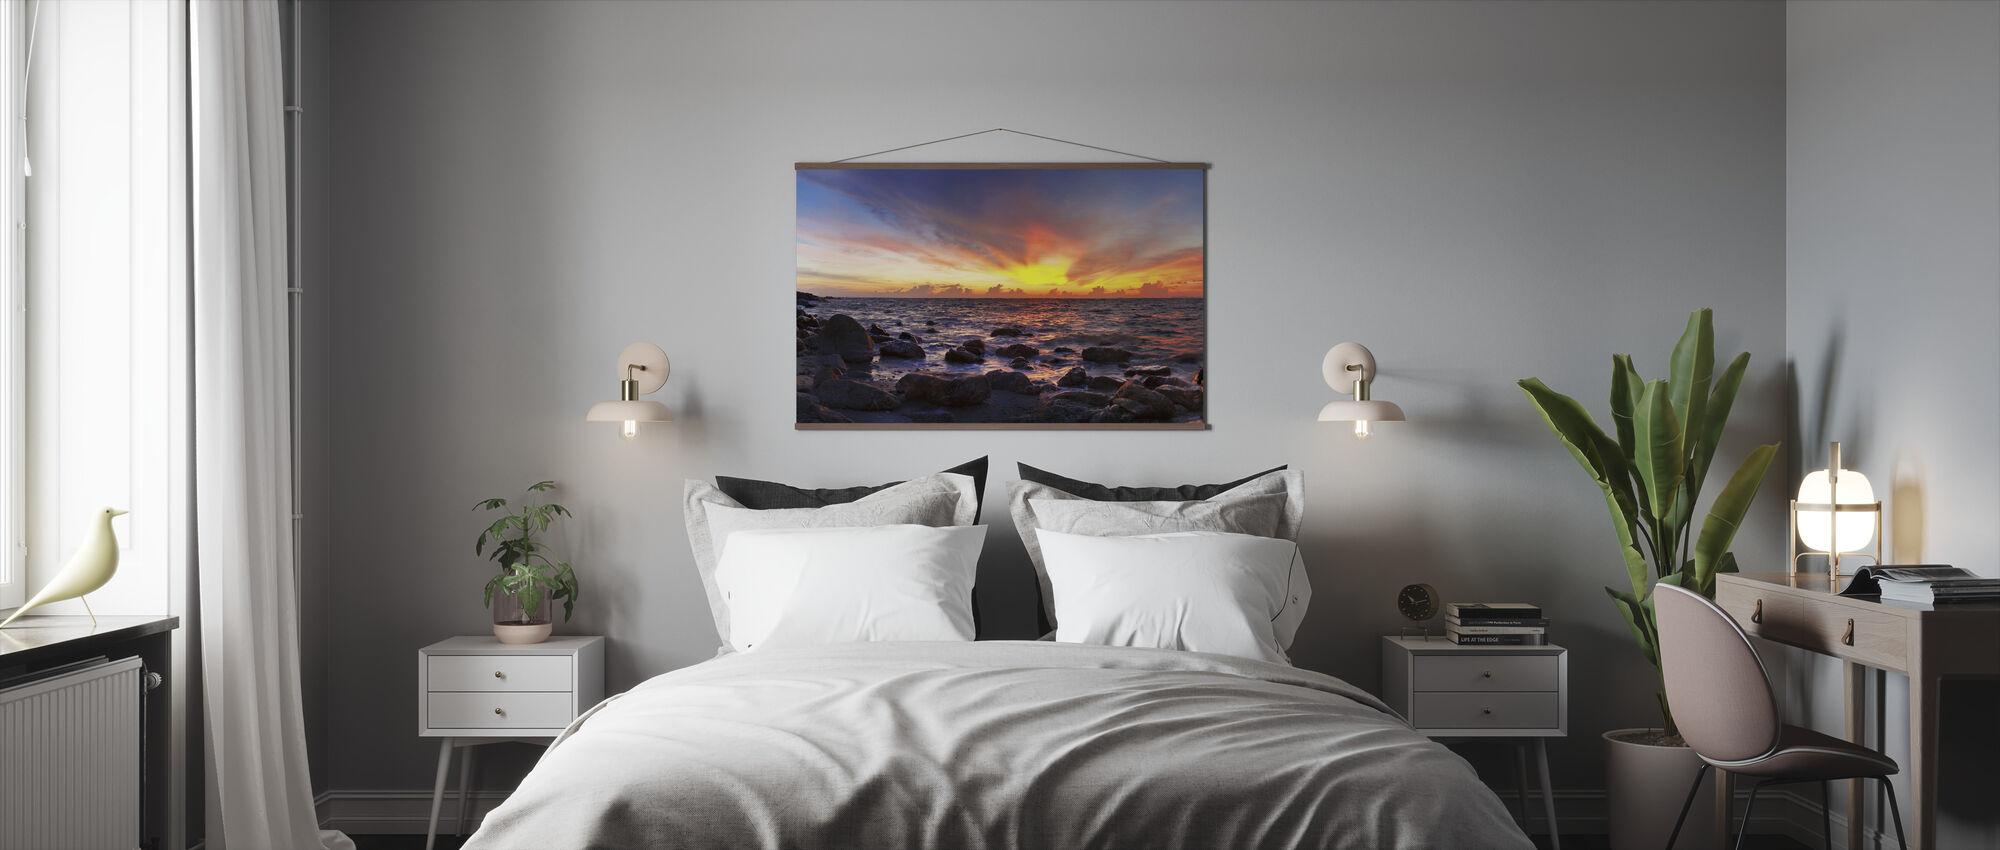 Wild Zonsondergang - Poster - Slaapkamer